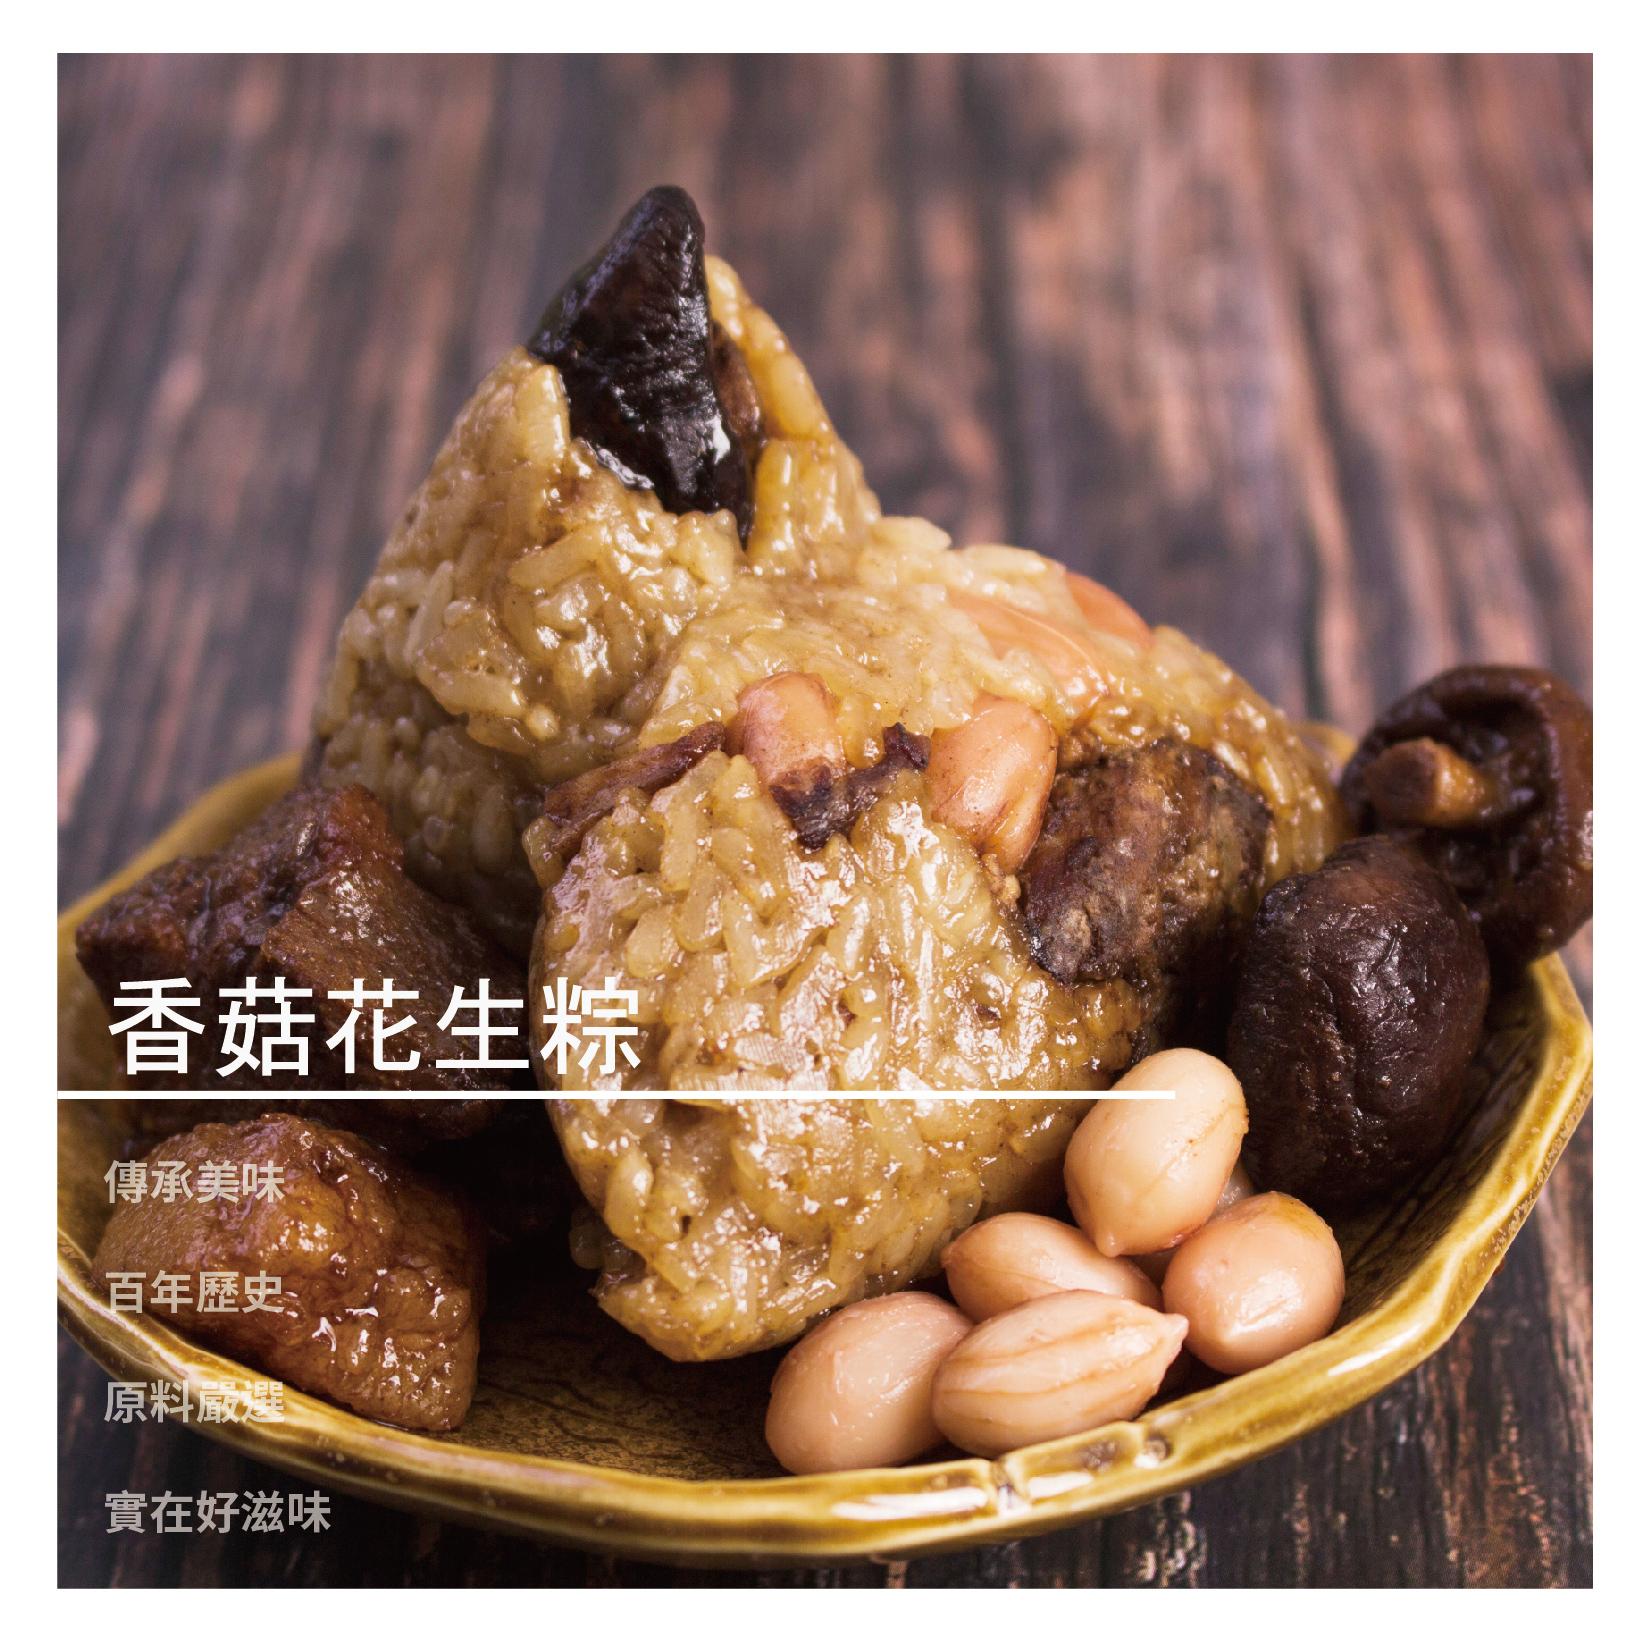 【乾家肉粽粿粽大王】香菇花生粽 150g